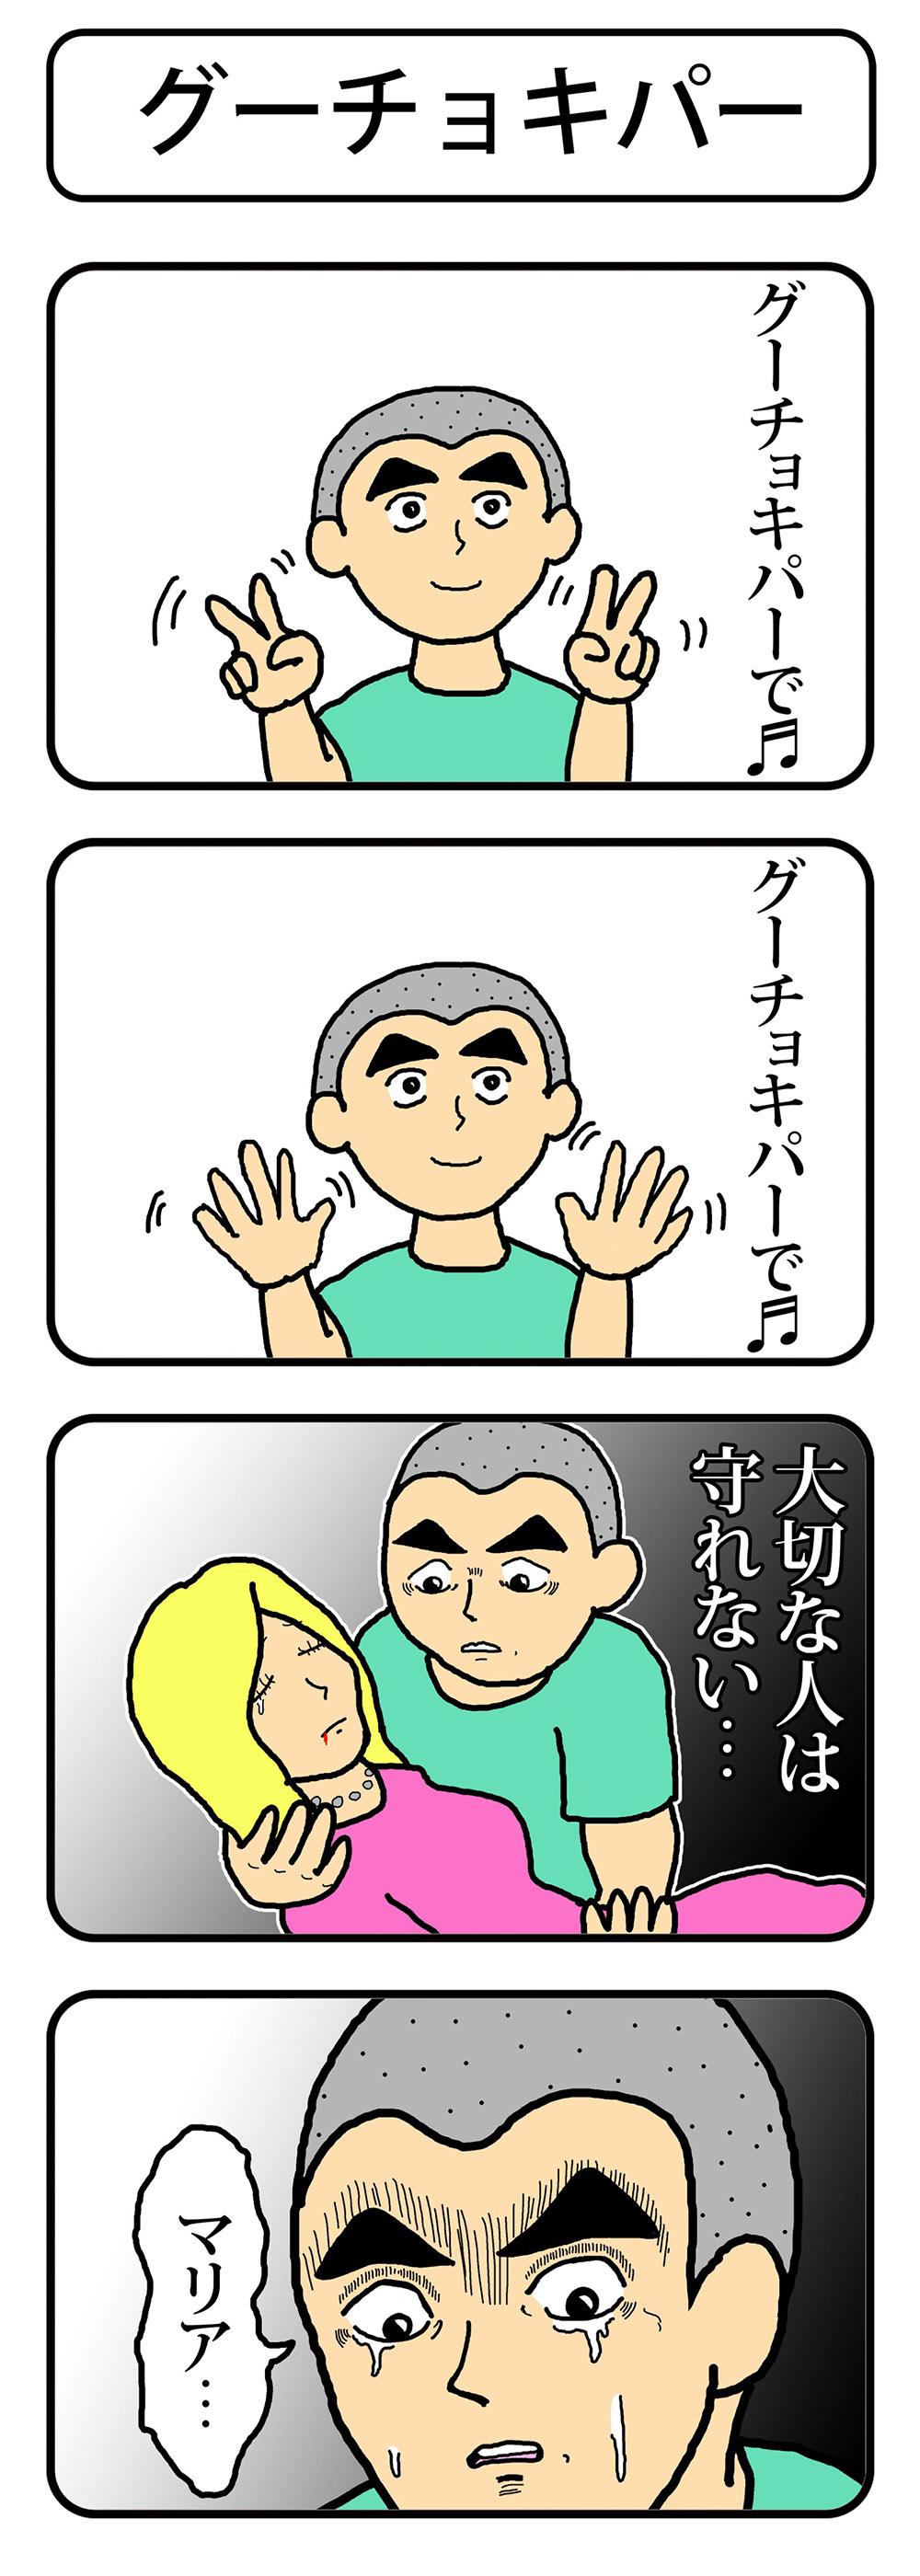 グーチョキパー1